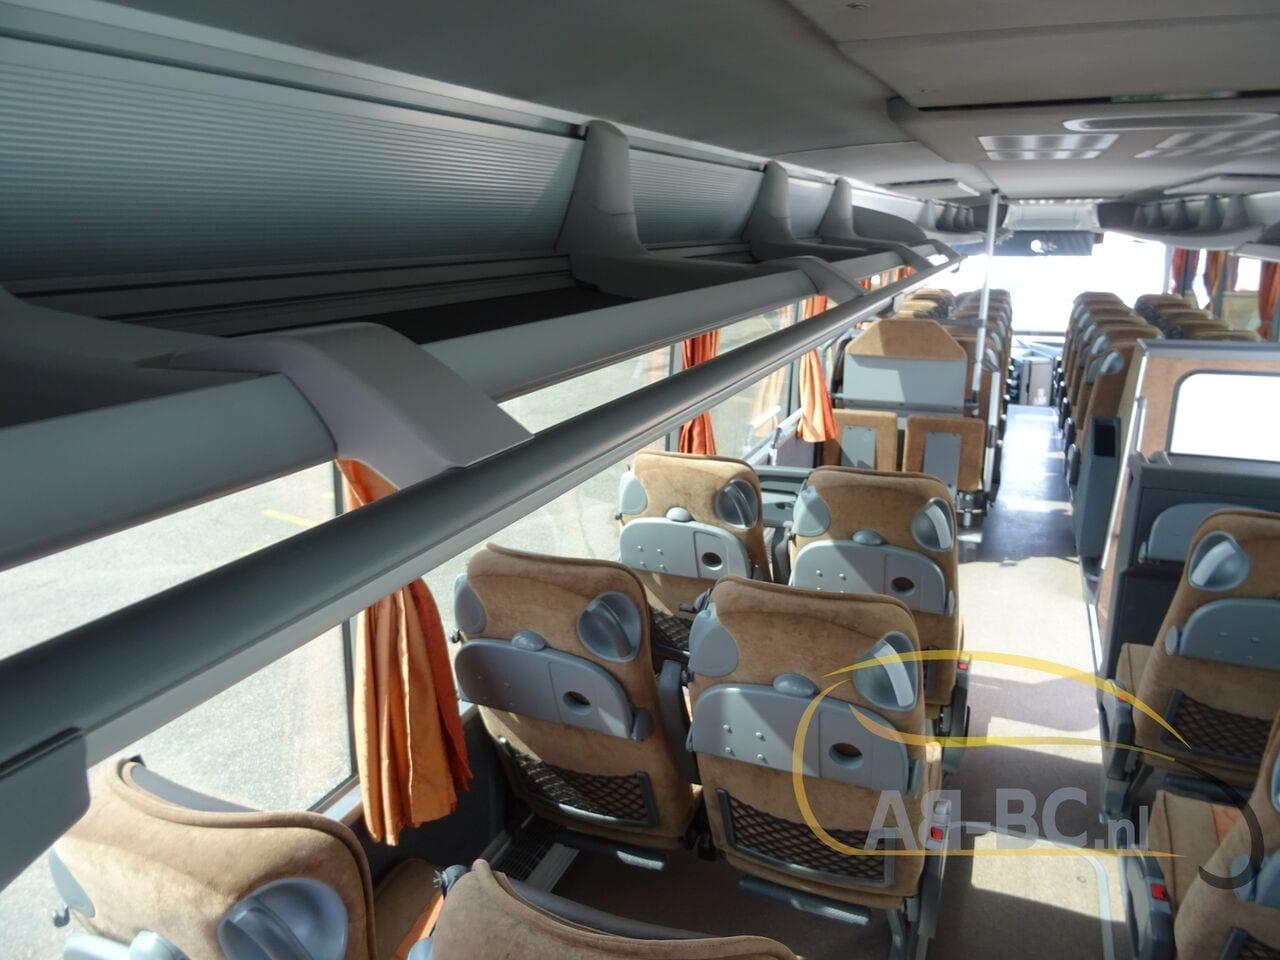 coach-busSETRA-S416H-48-SEATS-LIFTBUS---1620309939909287854_big_3e147060a97562b90742213a4083f2ce--21050616581387095000